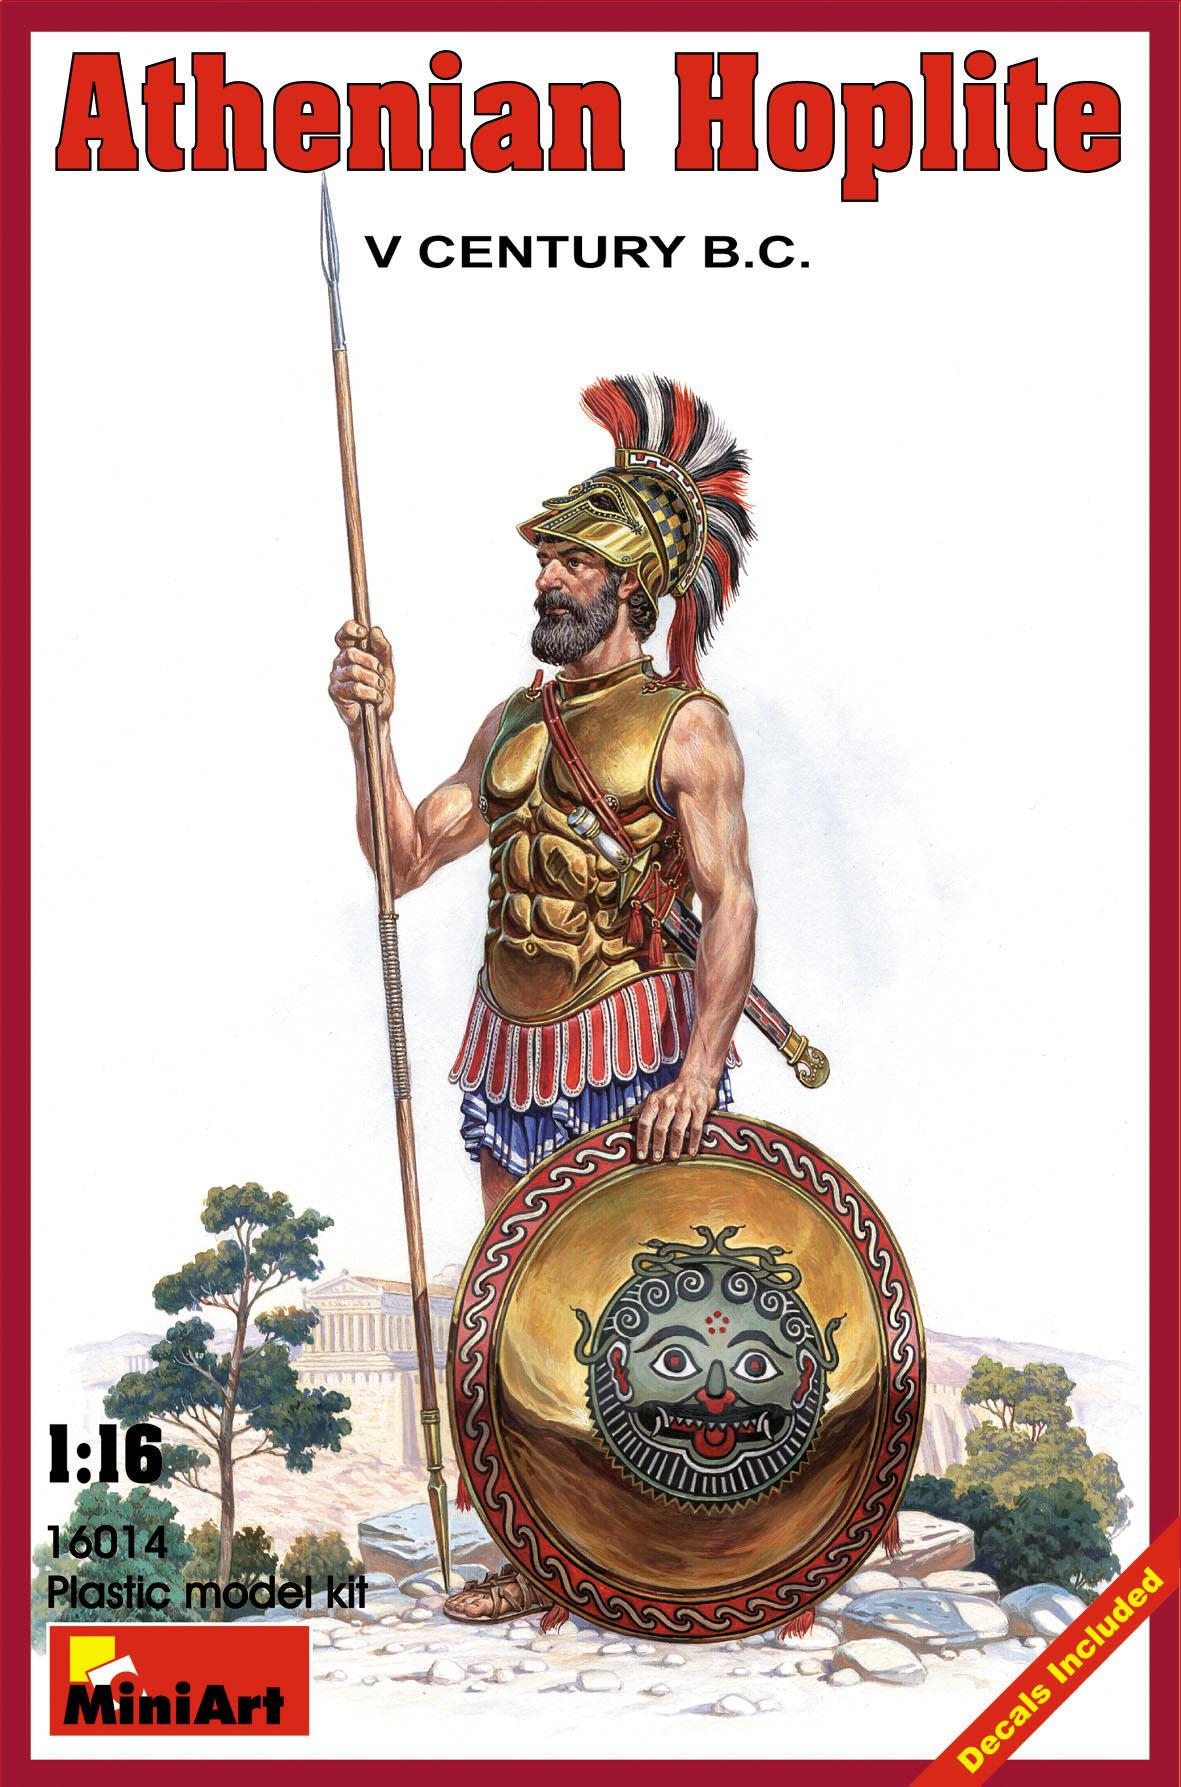 16014アテネ戦士(紀元前5世紀)